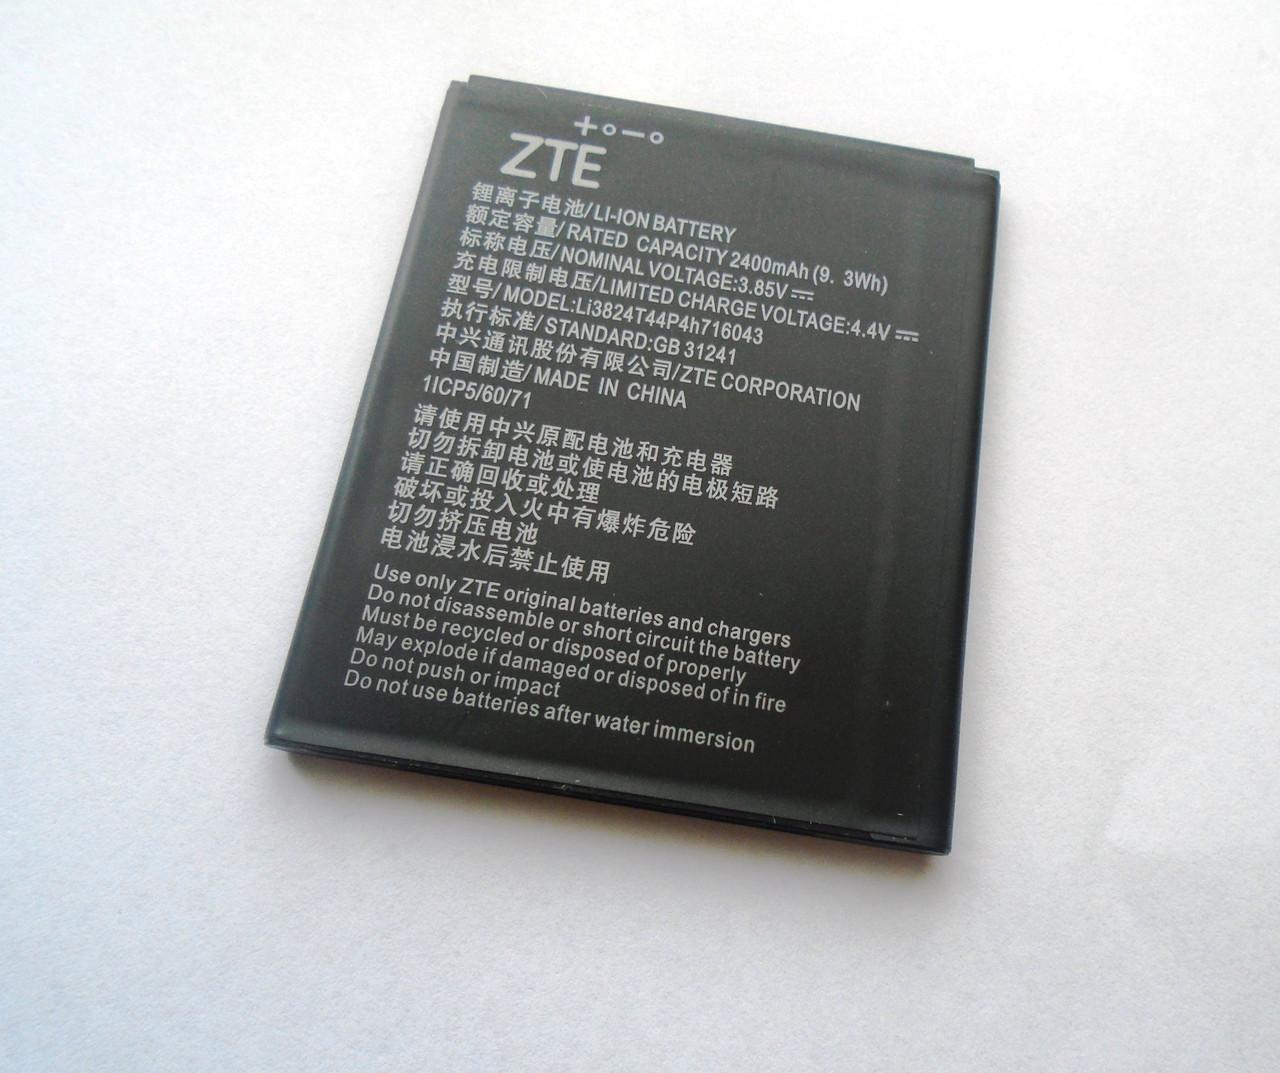 Аккумулятор для ZTE Blade A520 A521 BA520 BA603 A603 ( Li3824T44P4h716043 )